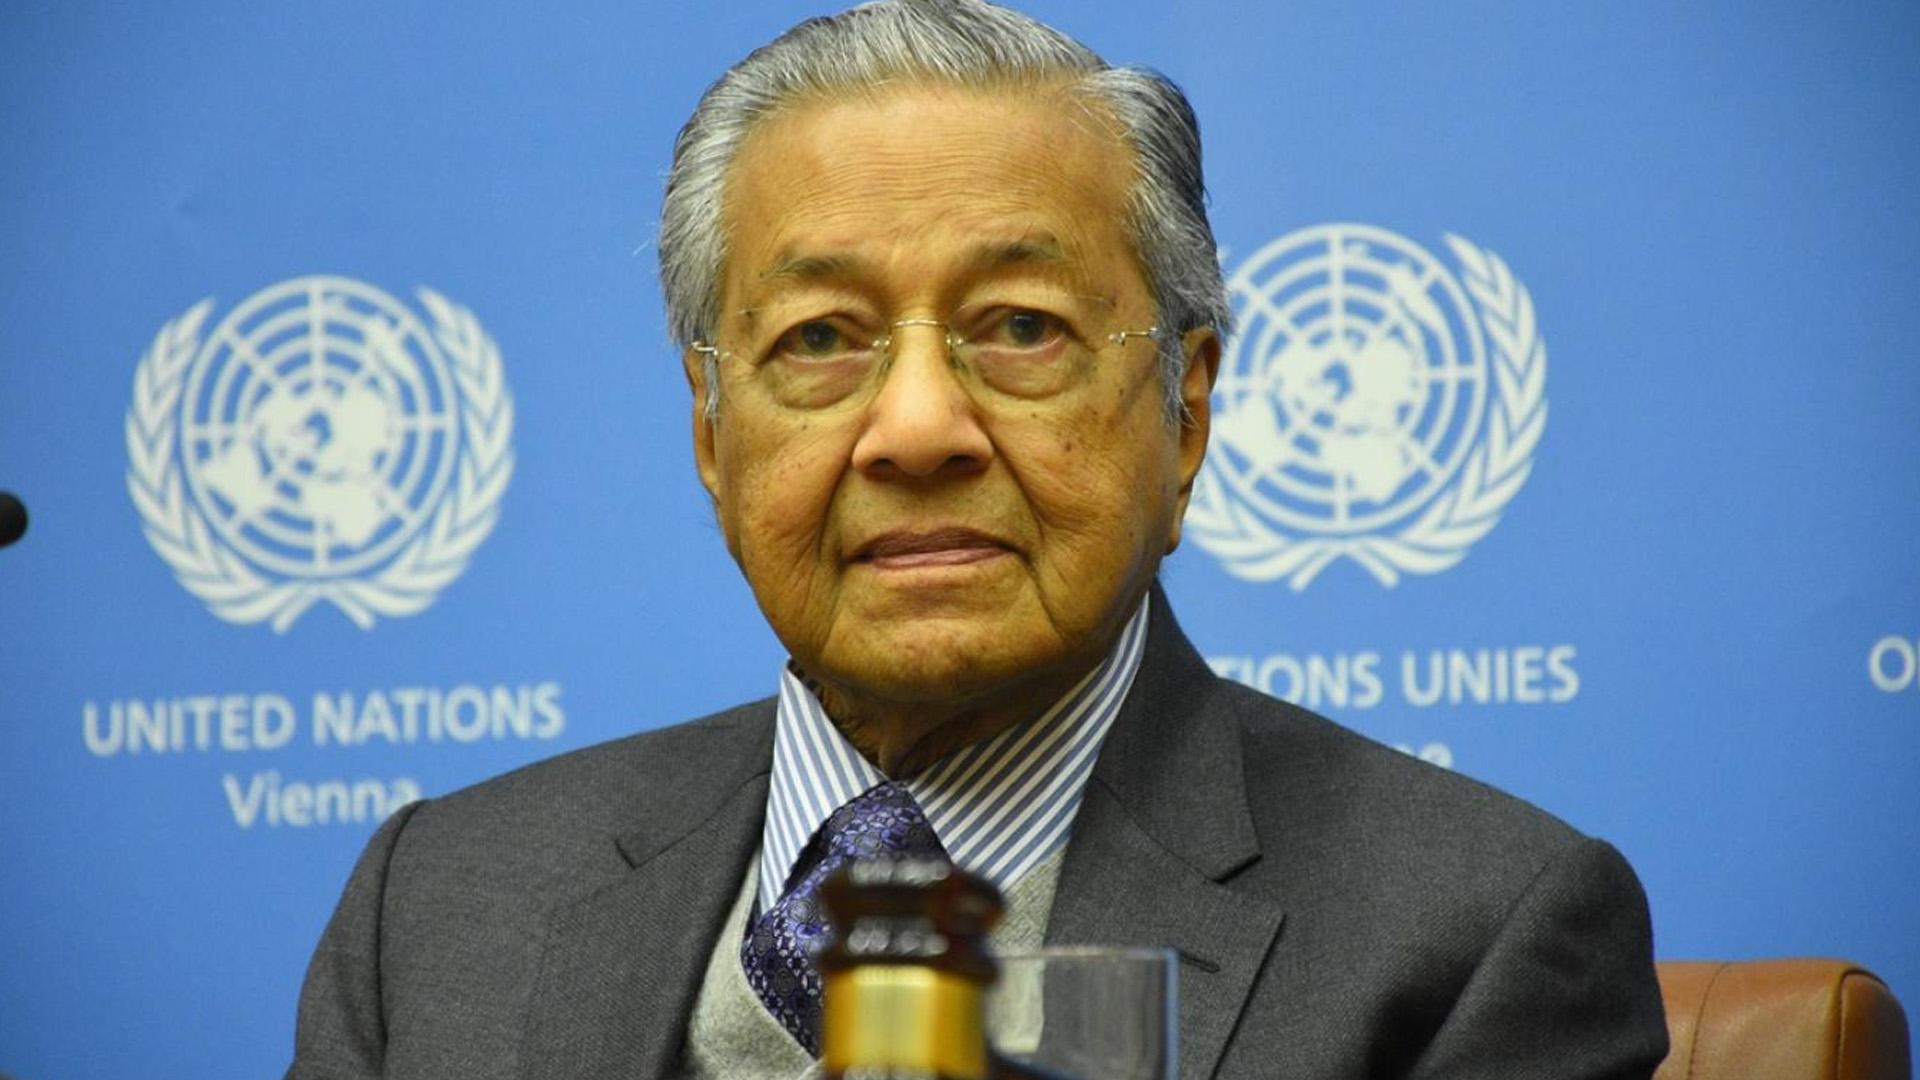 Malezya Doğu Türkistanlılara kucak açtı: Çin'den başvuru gelse dahi sınır dışı etmeyiz